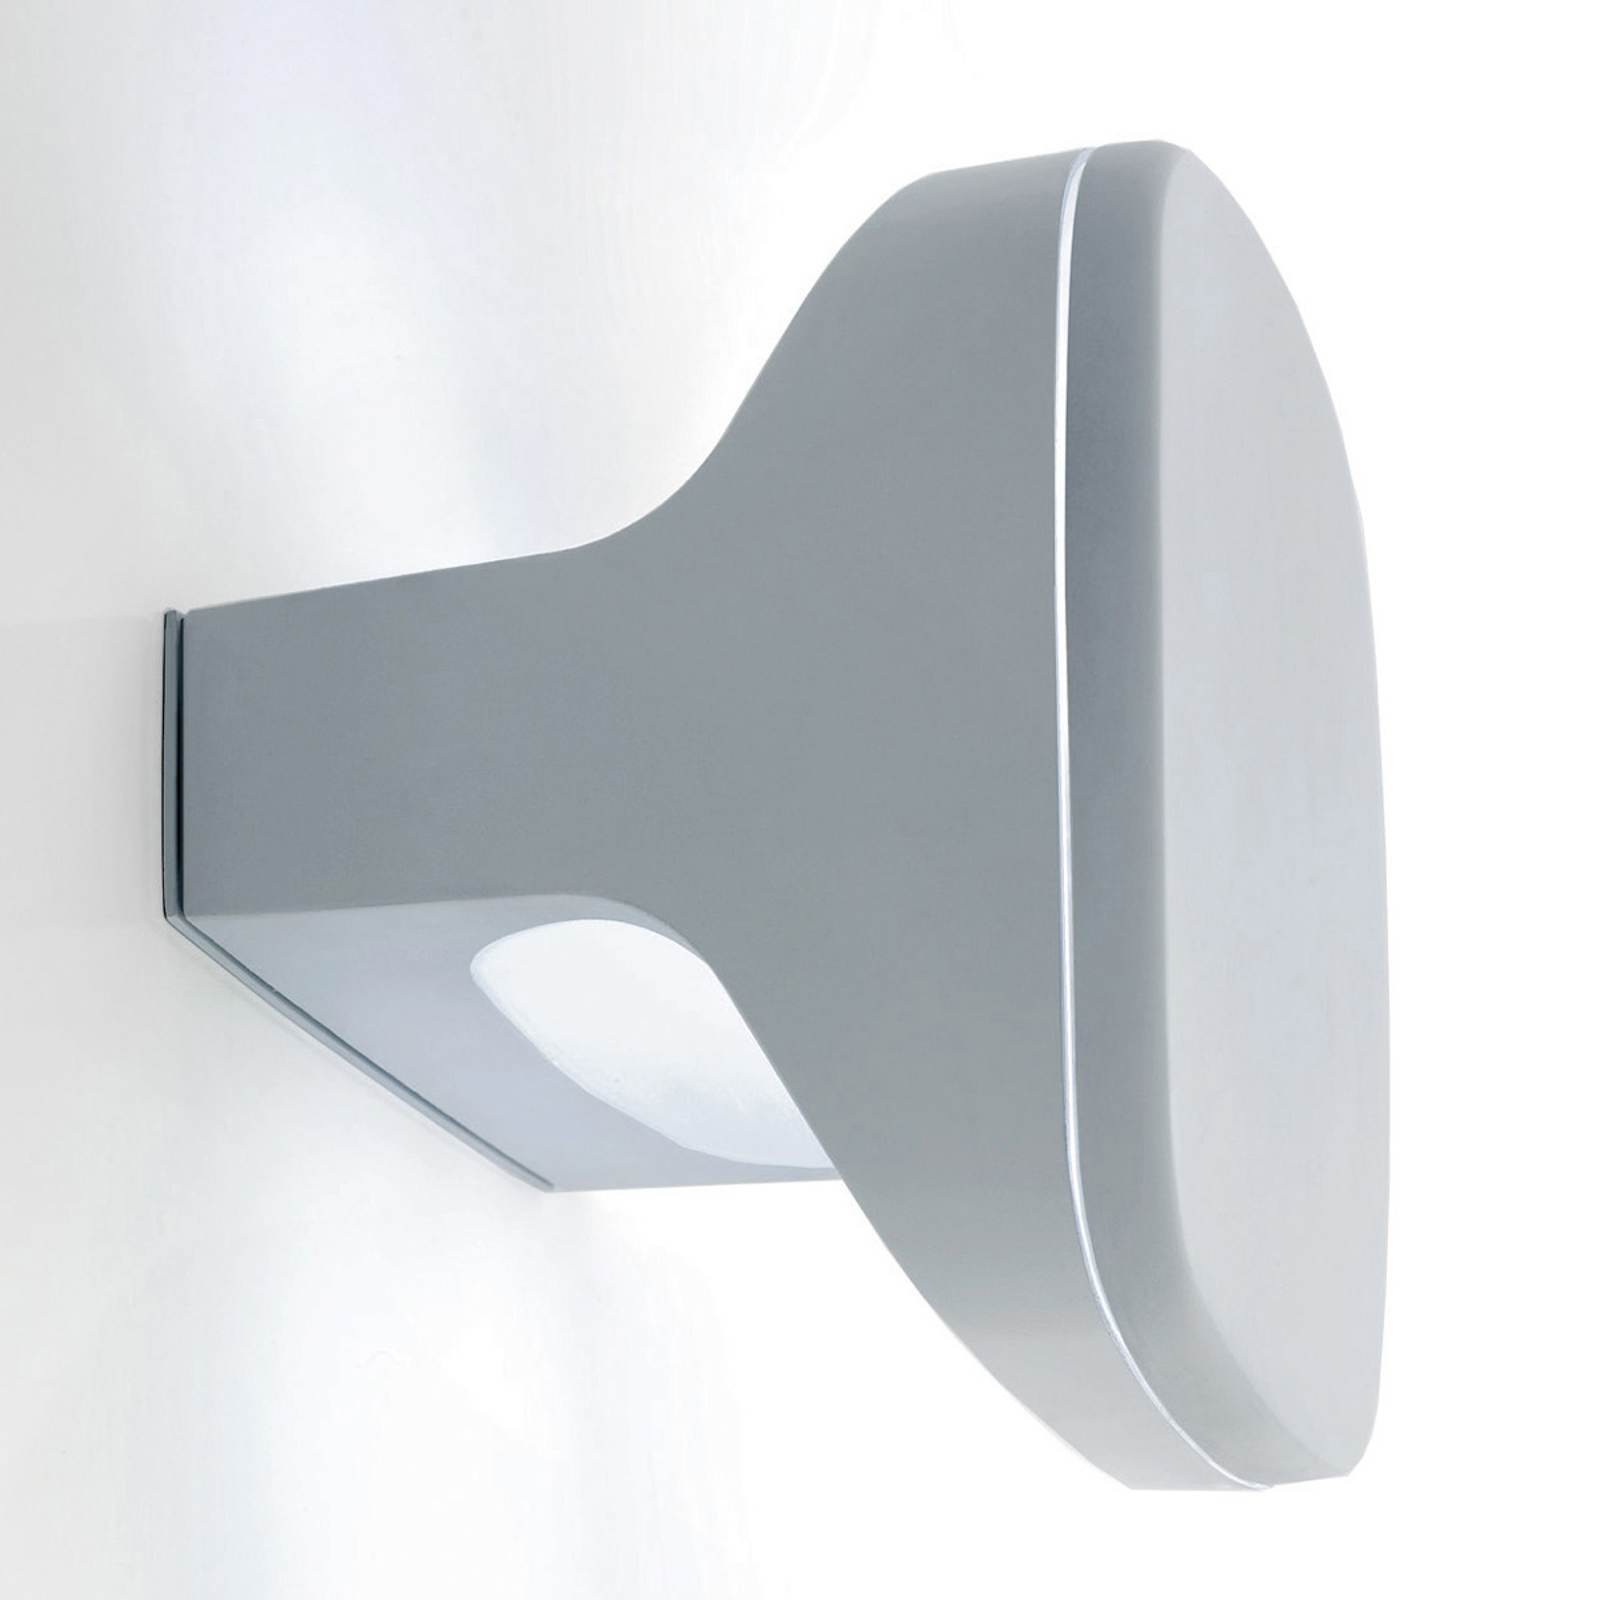 Ultramoderne LED-utevegglampe Sky, aluminium